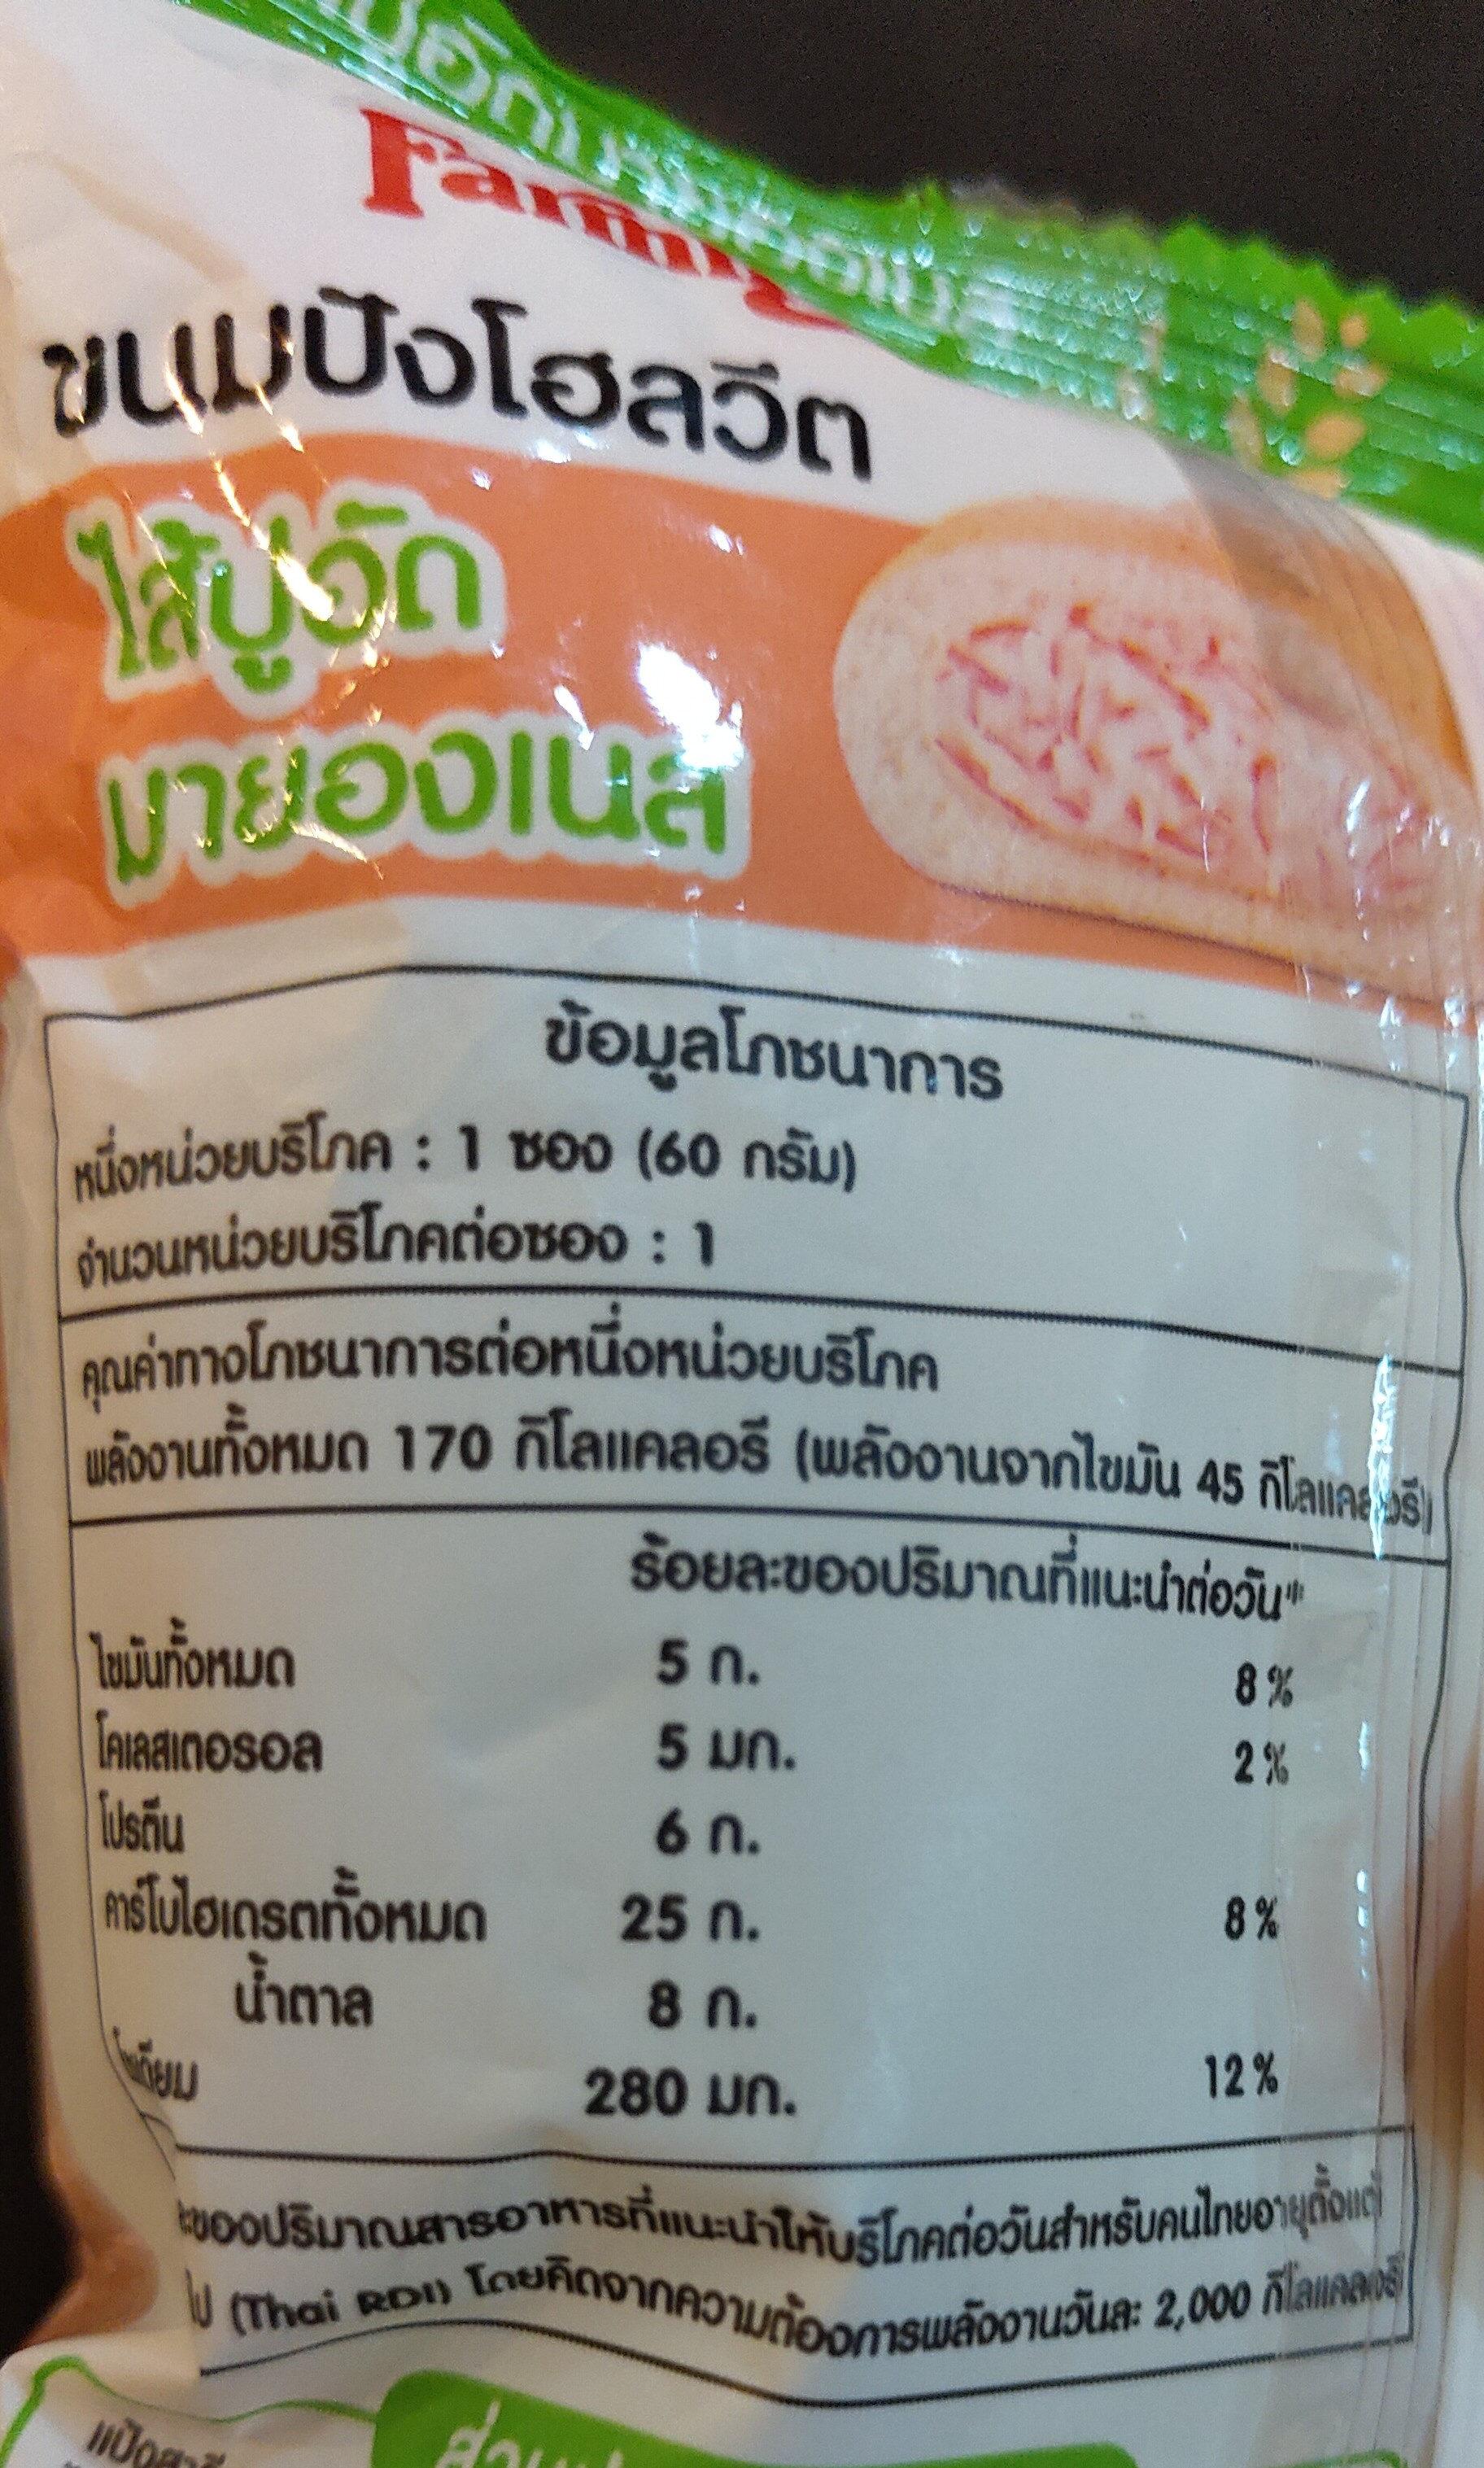 ขนมปังโฮลวีตไส้ปูอัดมายองเนส - Nutrition facts - th